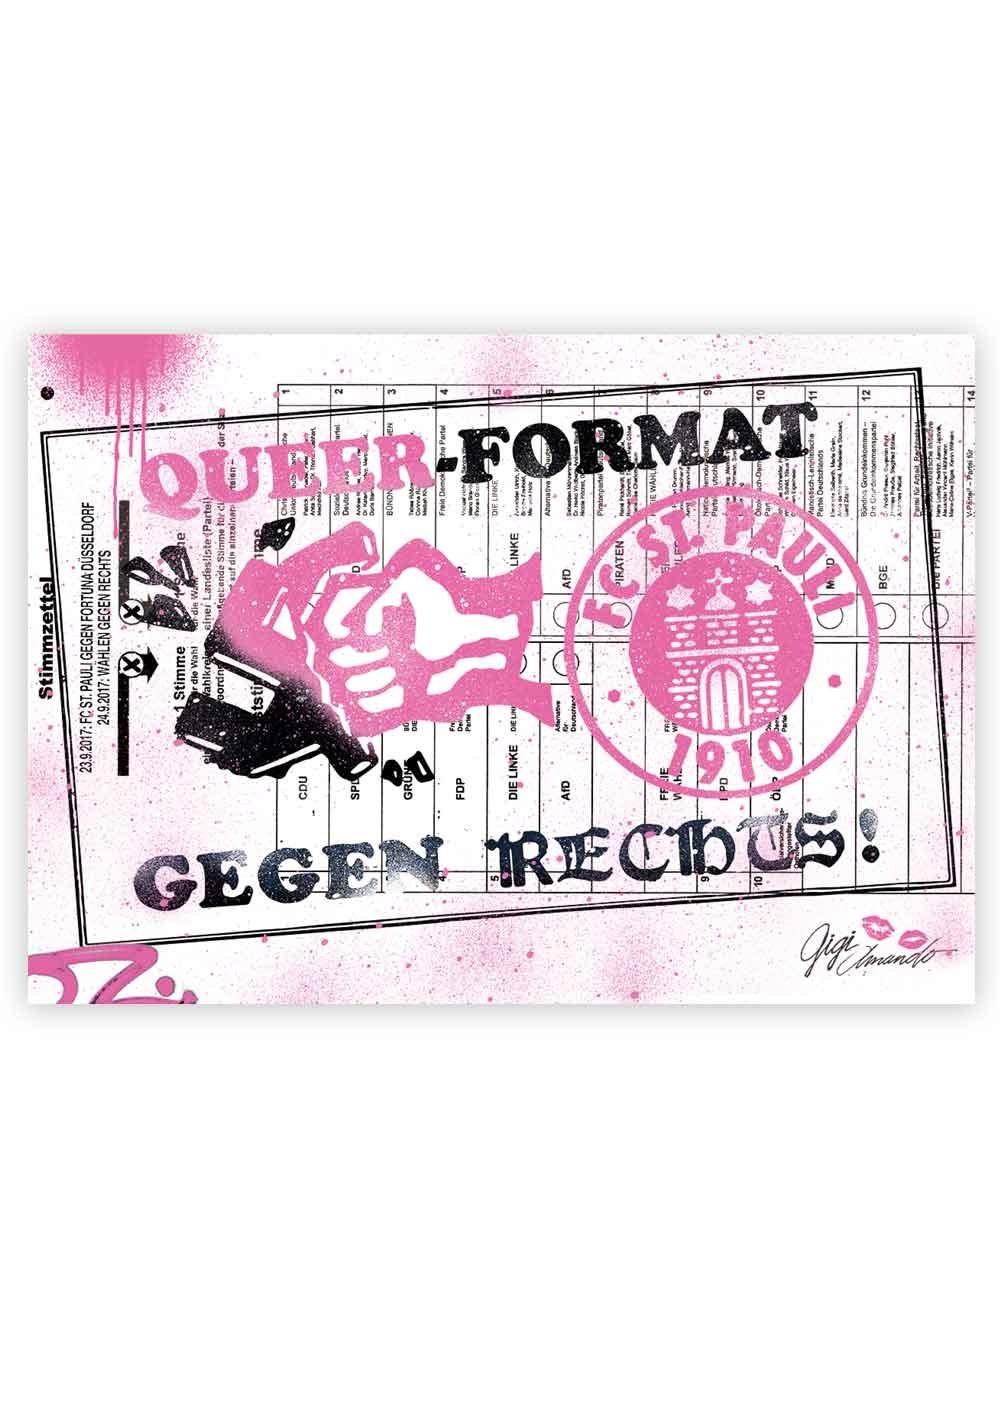 Der Kunstdruck zum Heimspiel gegen Fortuna Düsseldorf